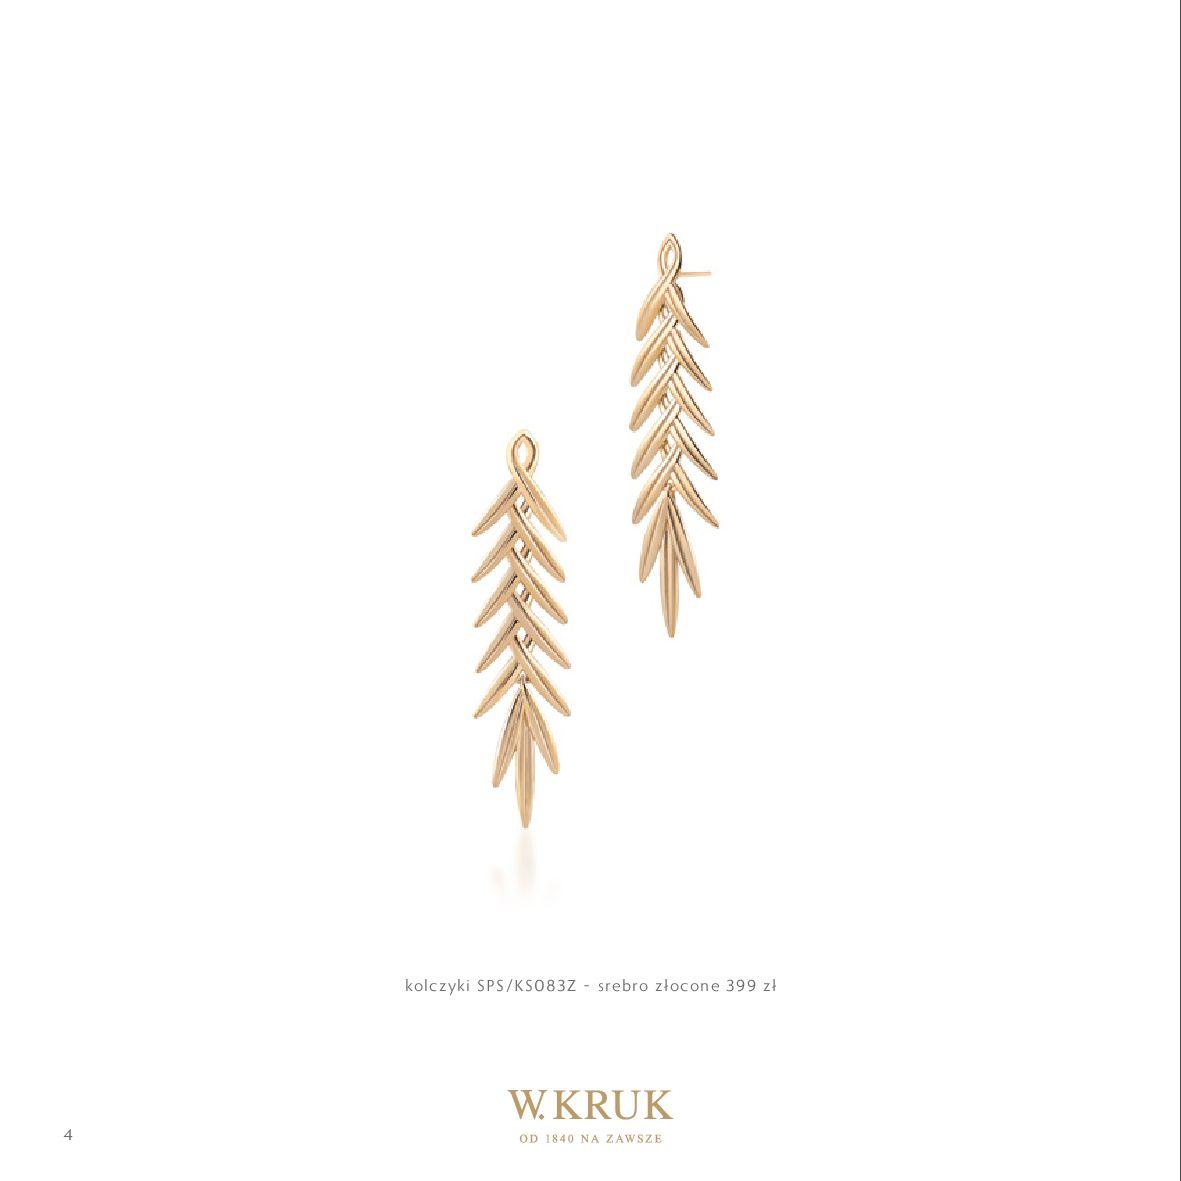 Gazetka W. KRUK: Katalog - Kolekcja Przyjaźń 2021-02-17 page-6